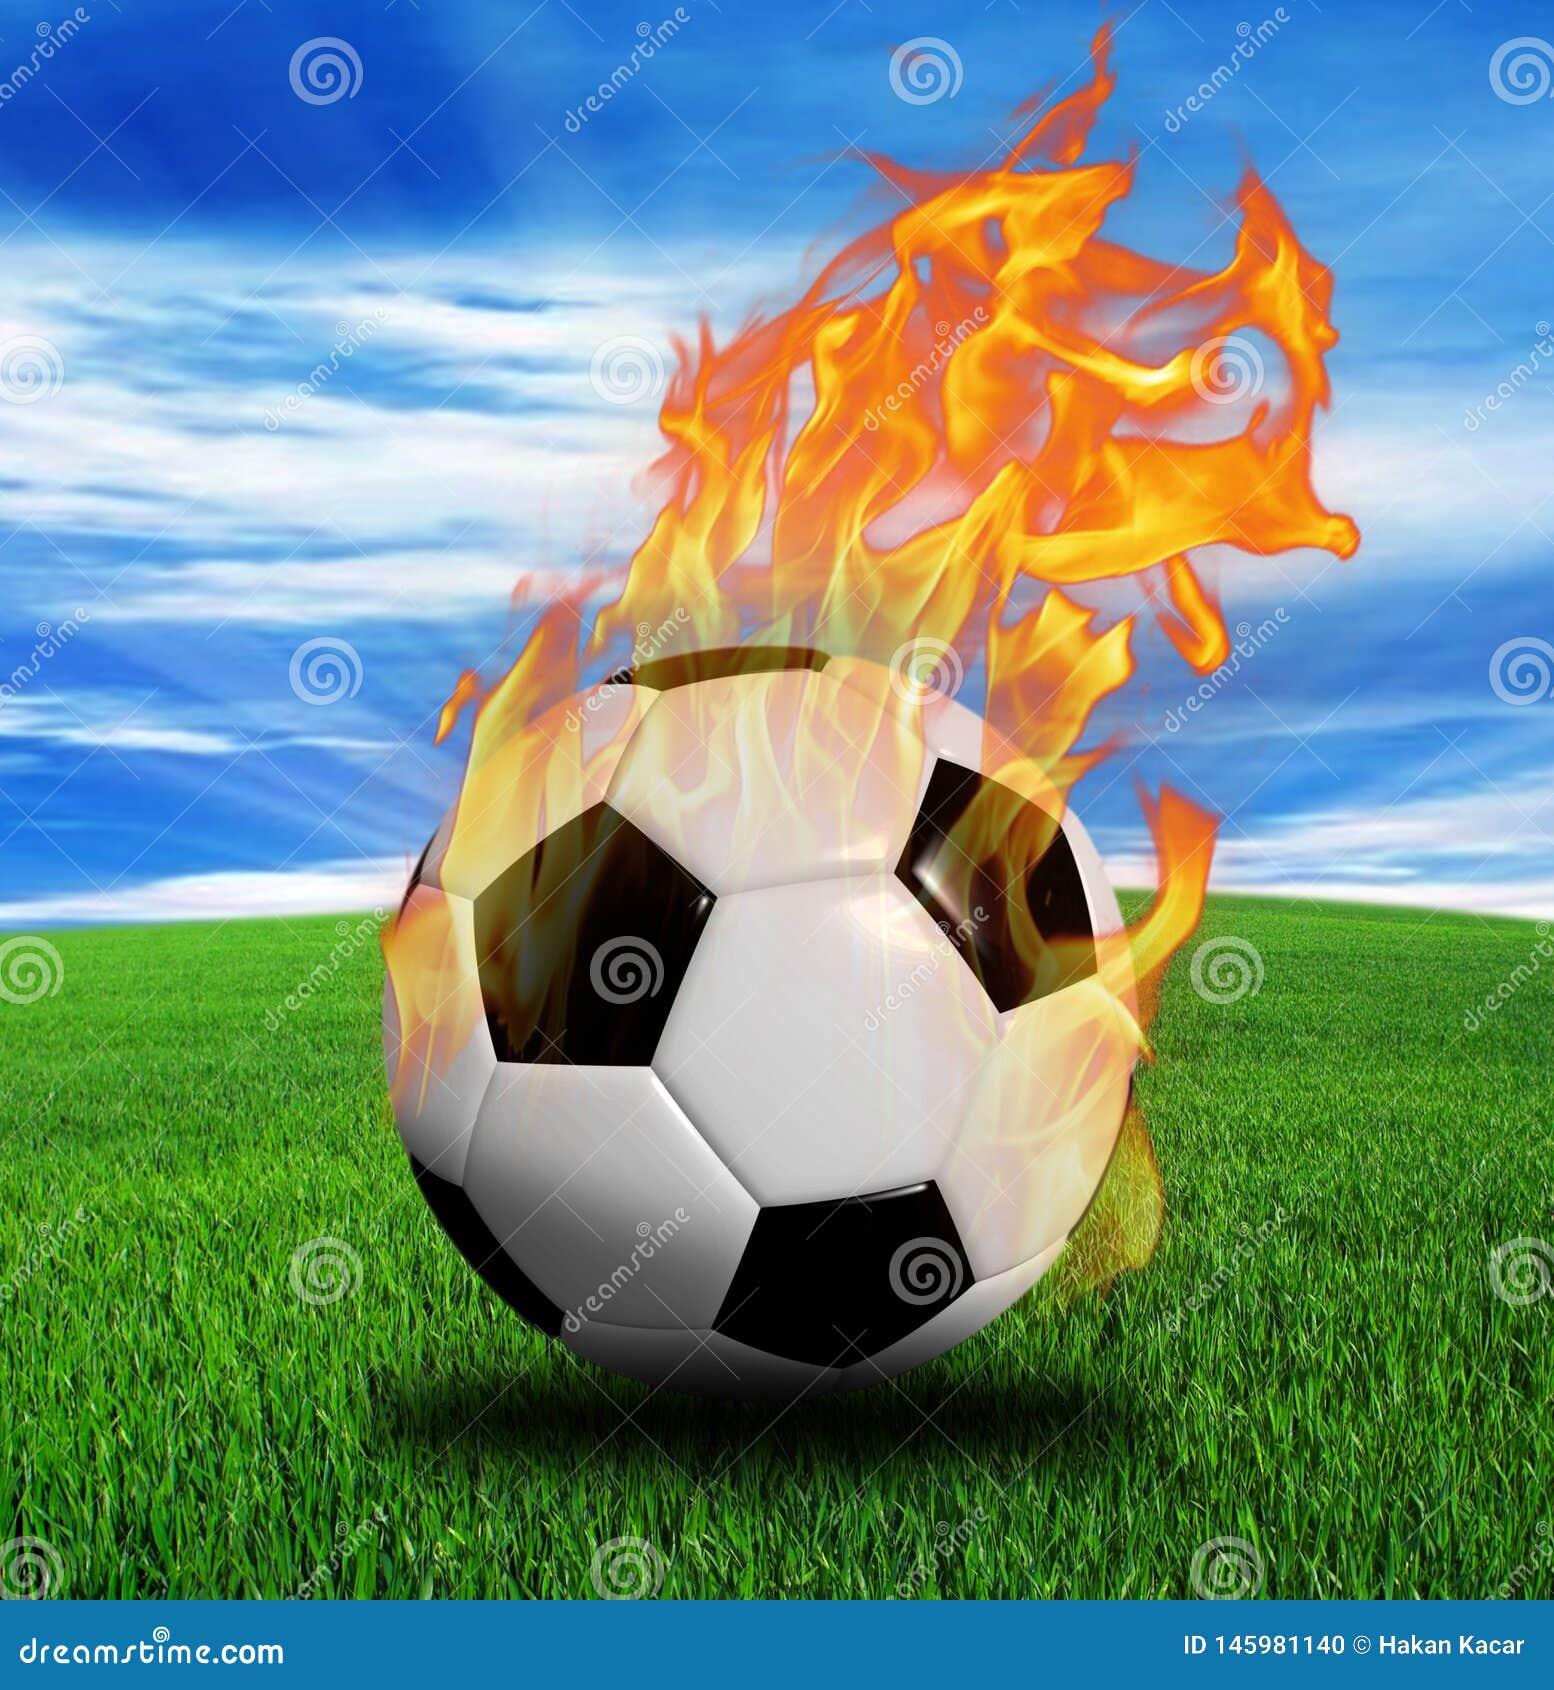 3D representación, balón de fútbol en fuego,